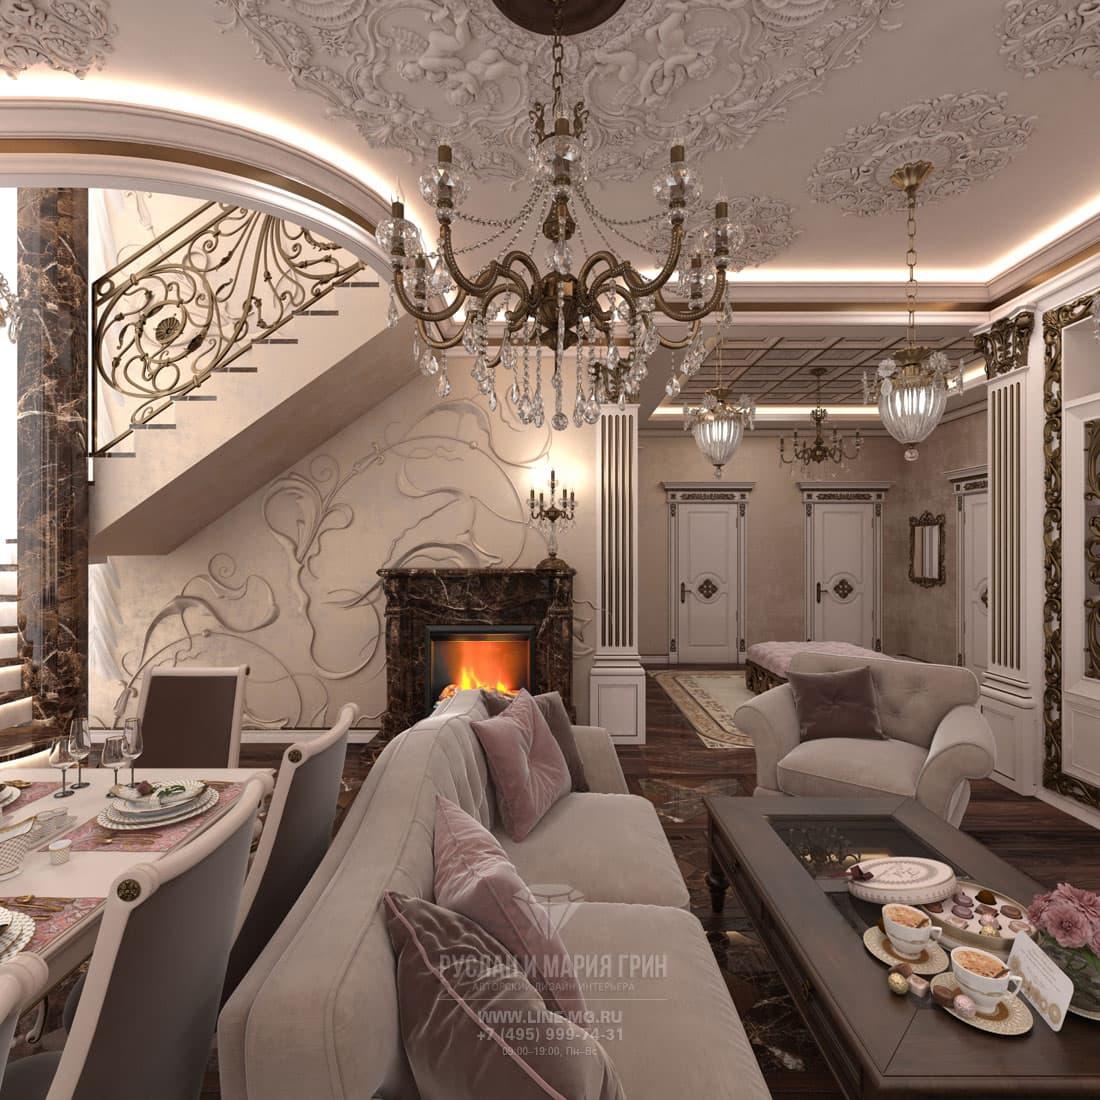 Дизайн интерьера гостиной в стиле модерн в доме